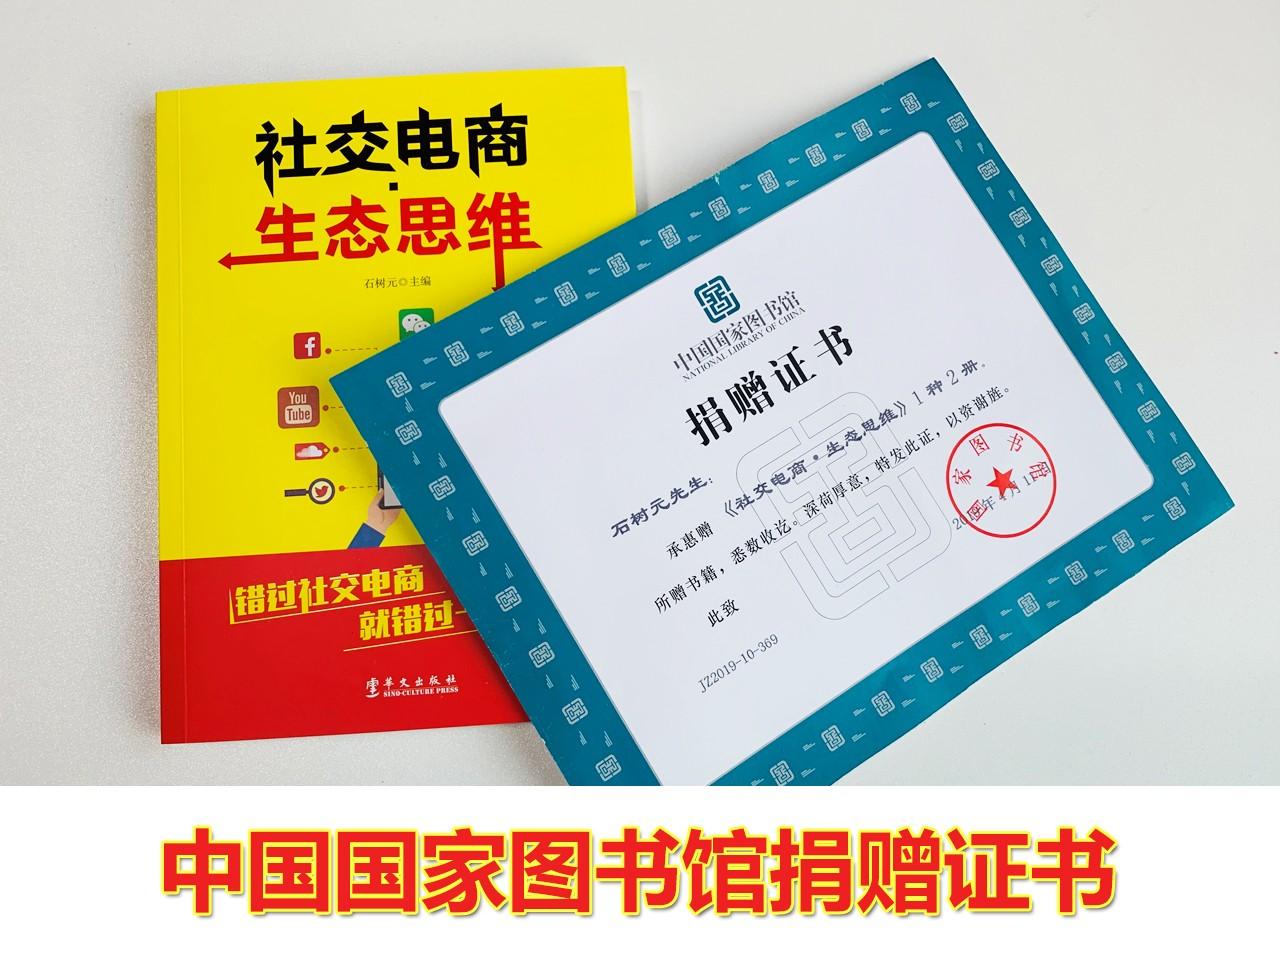 12中国国家图书馆为石树元颁发捐赠证书.jpg